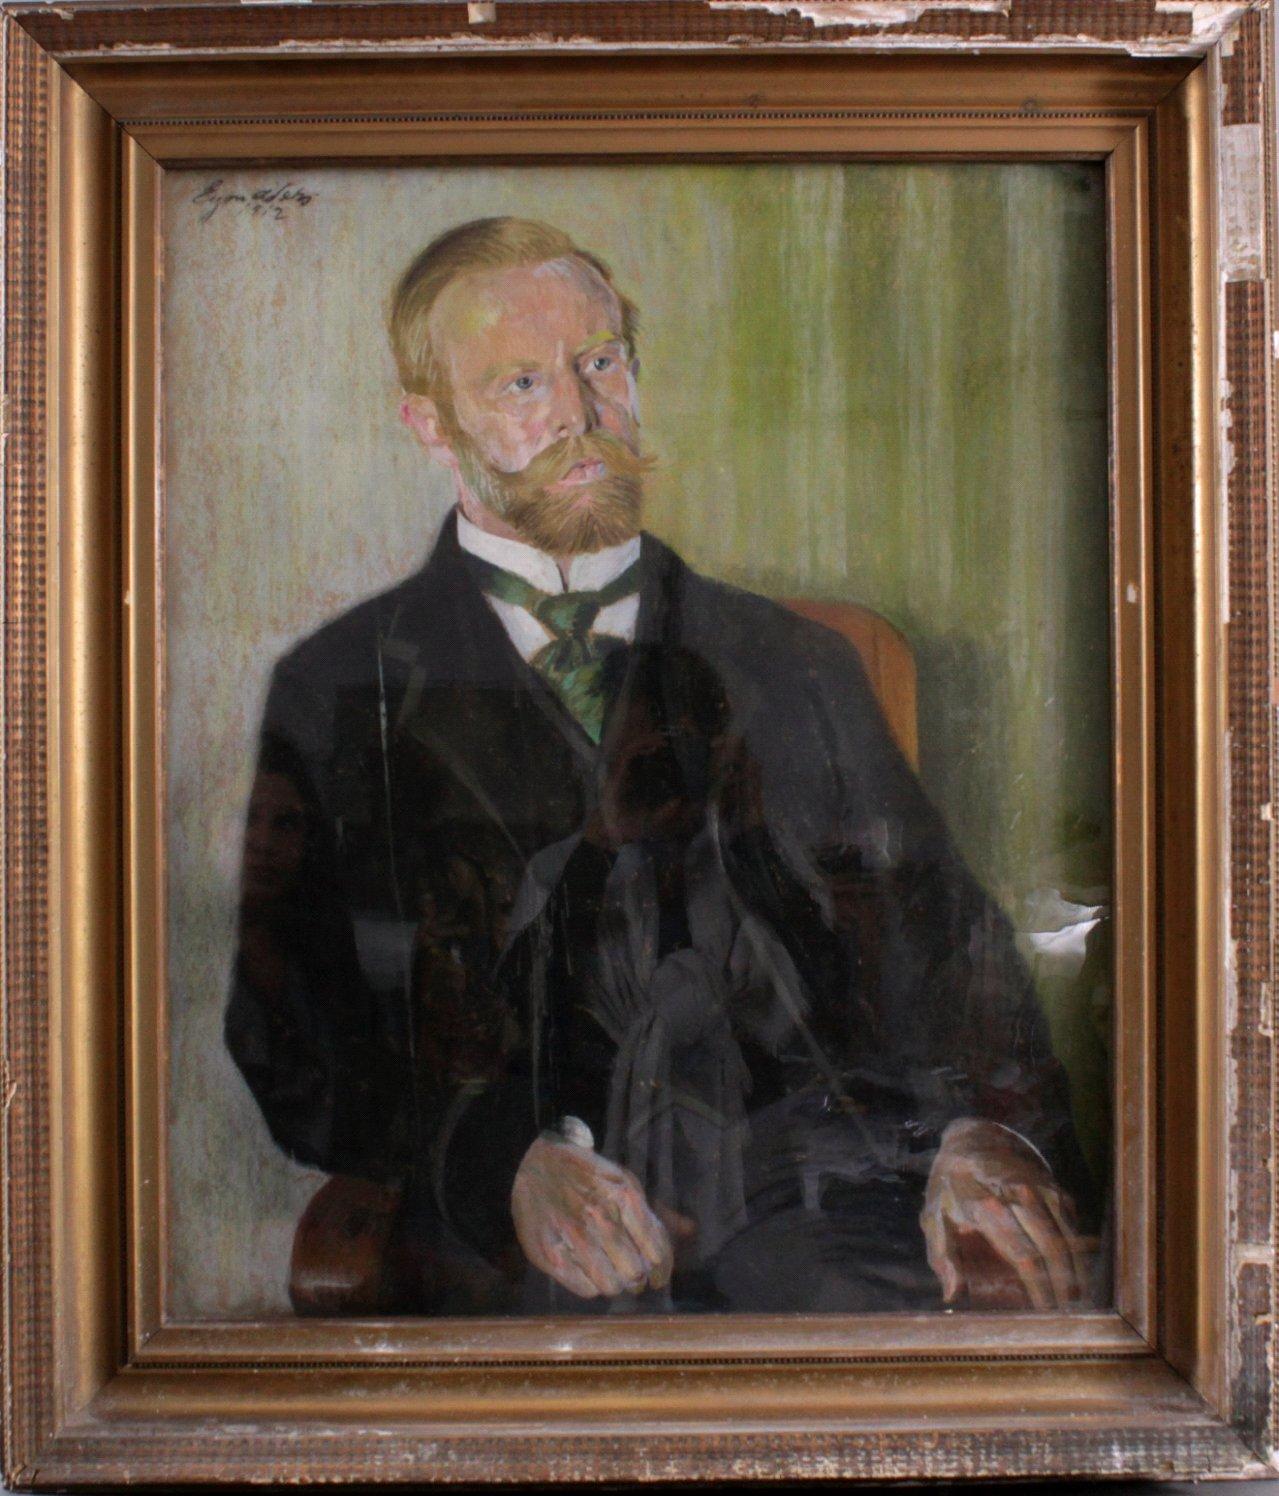 Herrenportrait von 1912